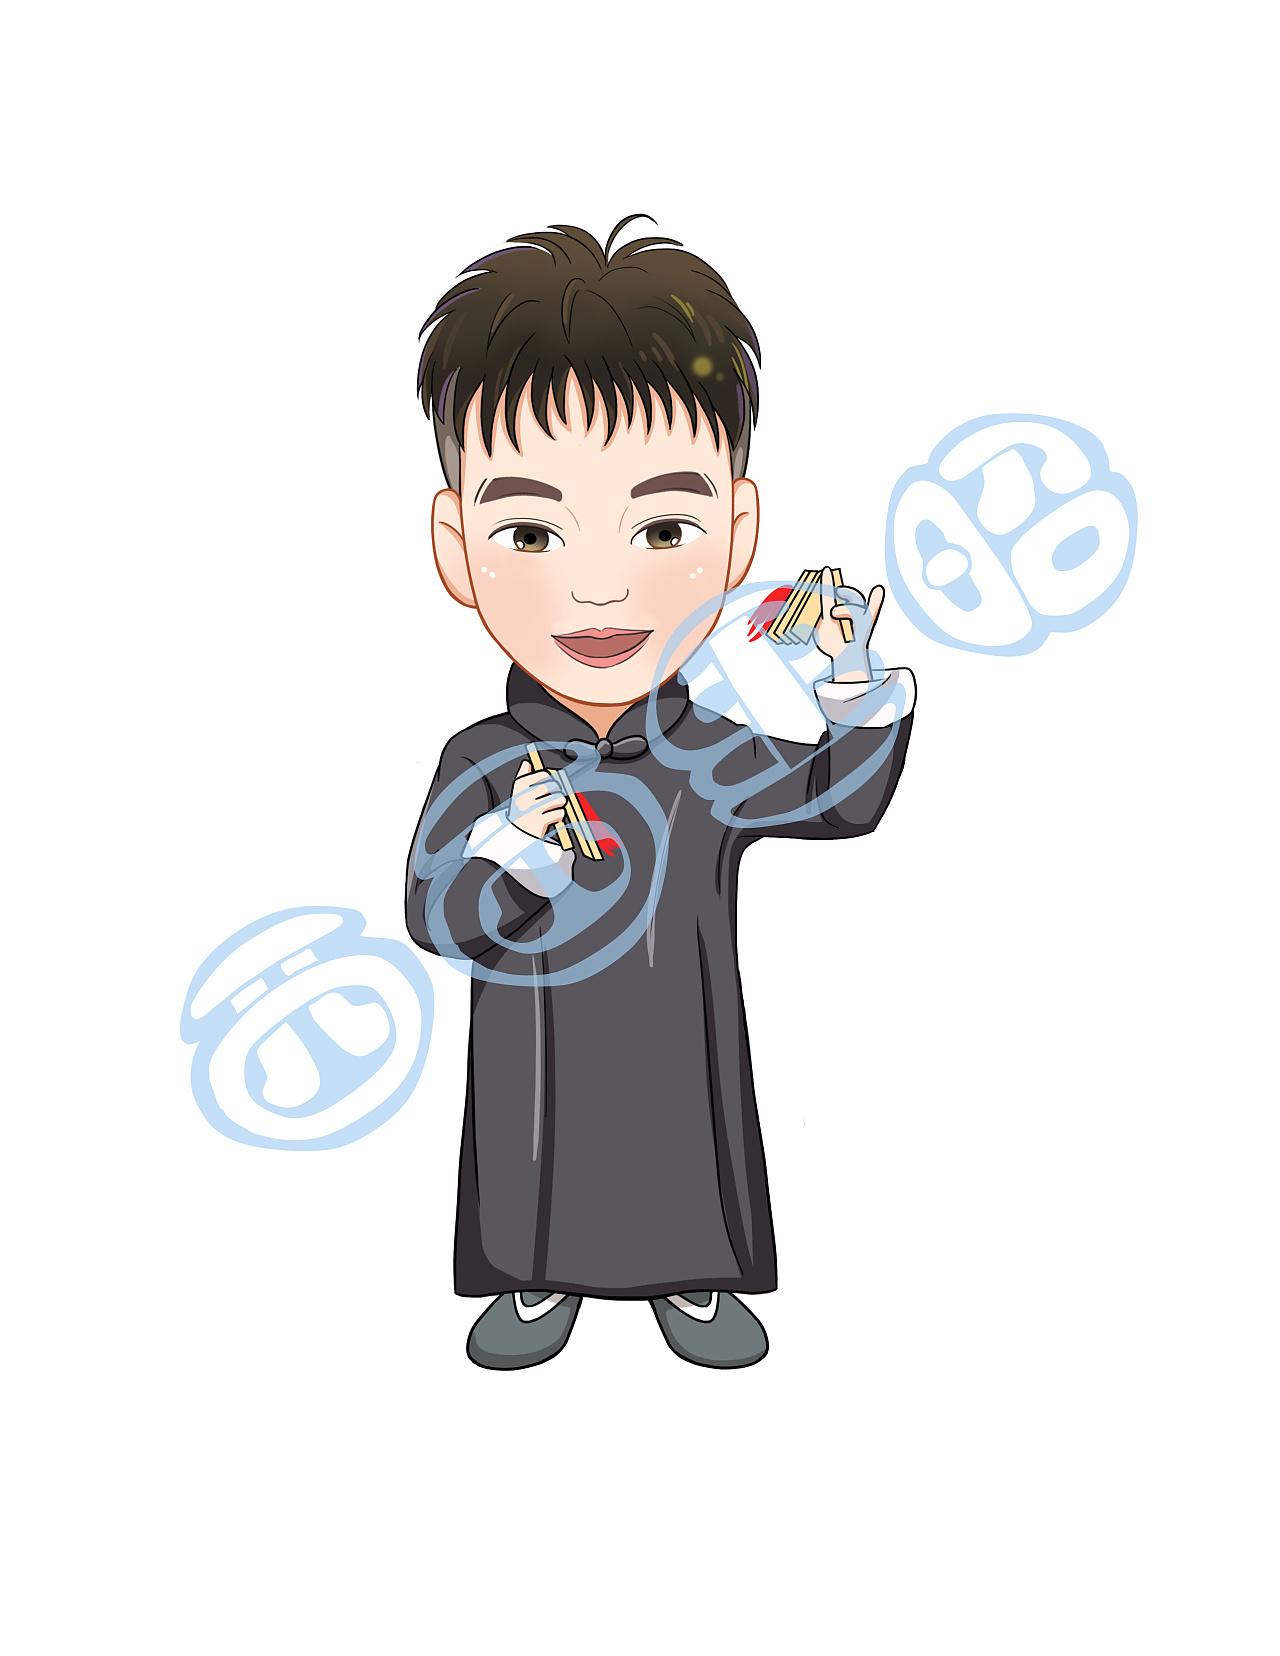 德云社 卡通形象形象设计图片